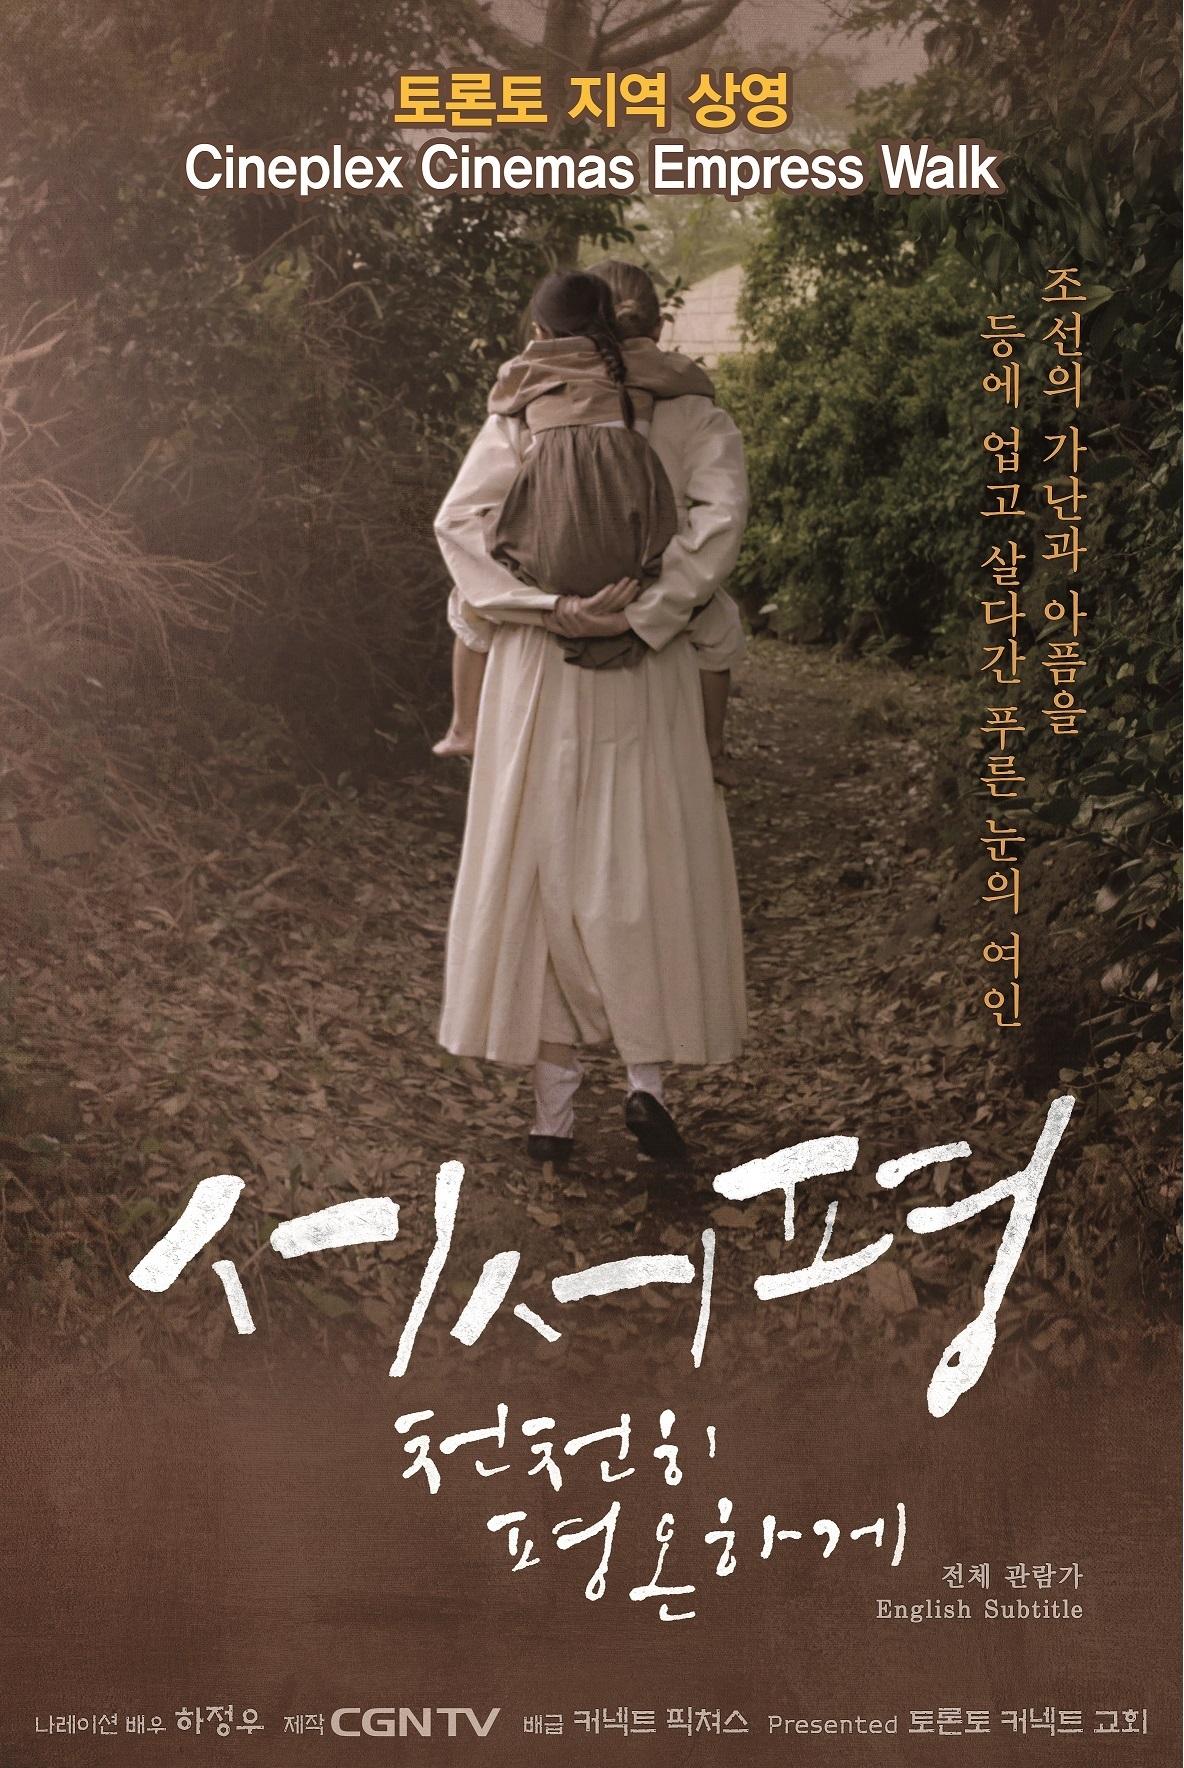 [문화] 서서평 천천히 평온하게 영화상영